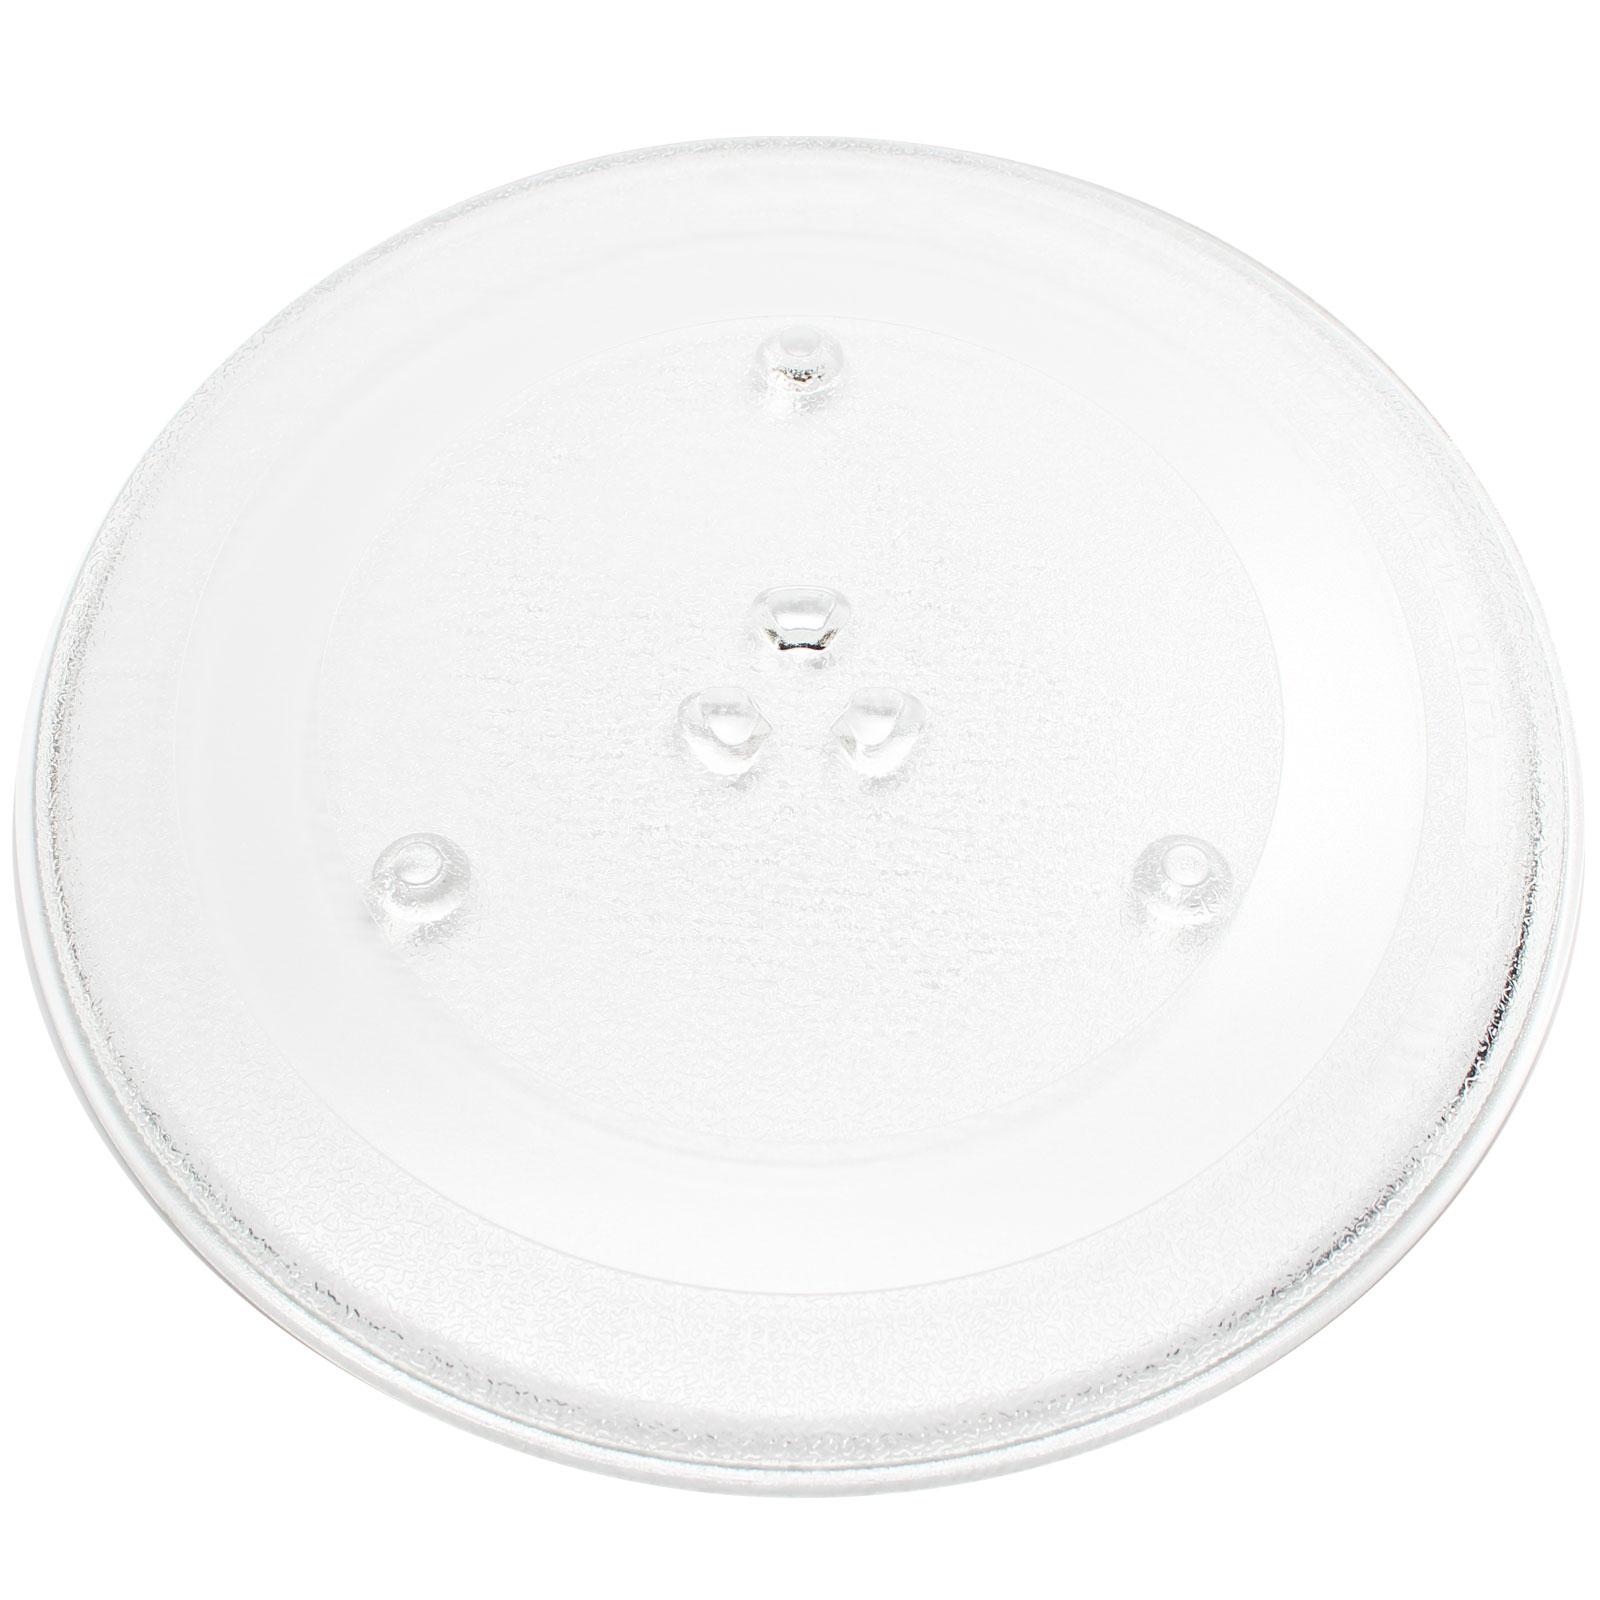 Microwave Glass Plate For Sharp R309yvr318av Emerson